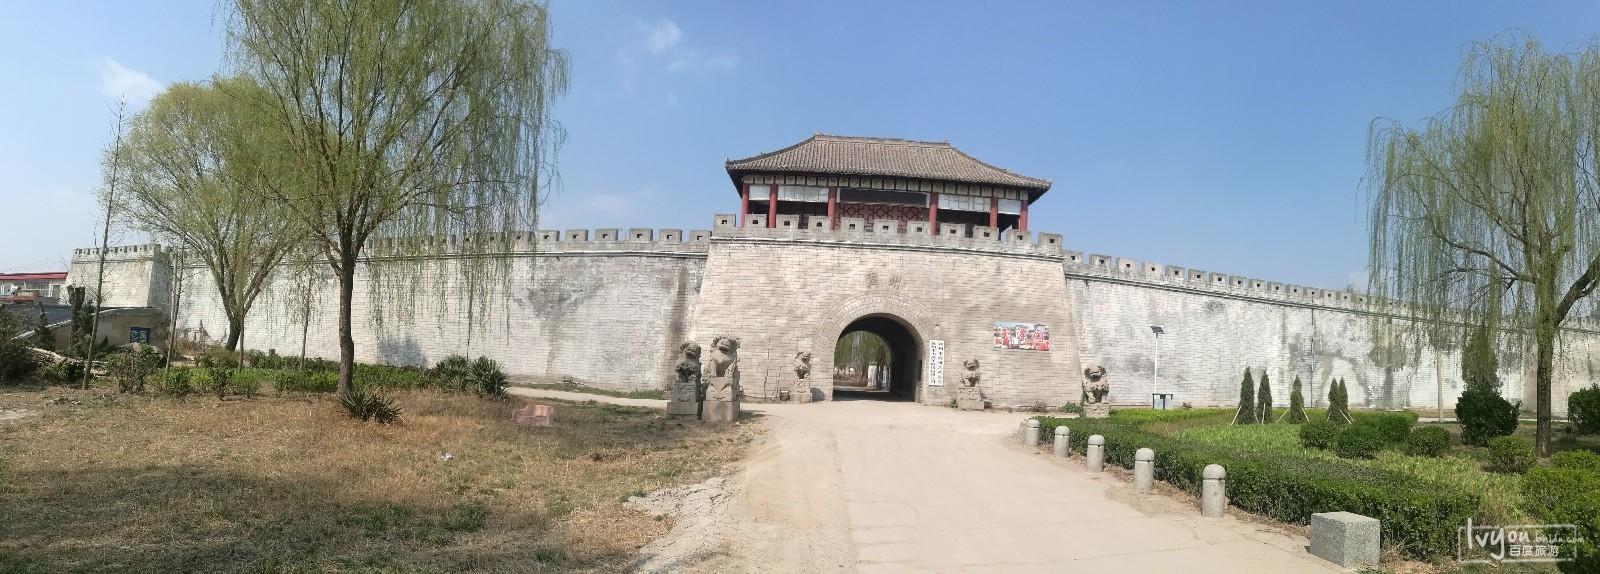 寻访衡水湖边冀州古城的八景,十八庙等历史古迹游记